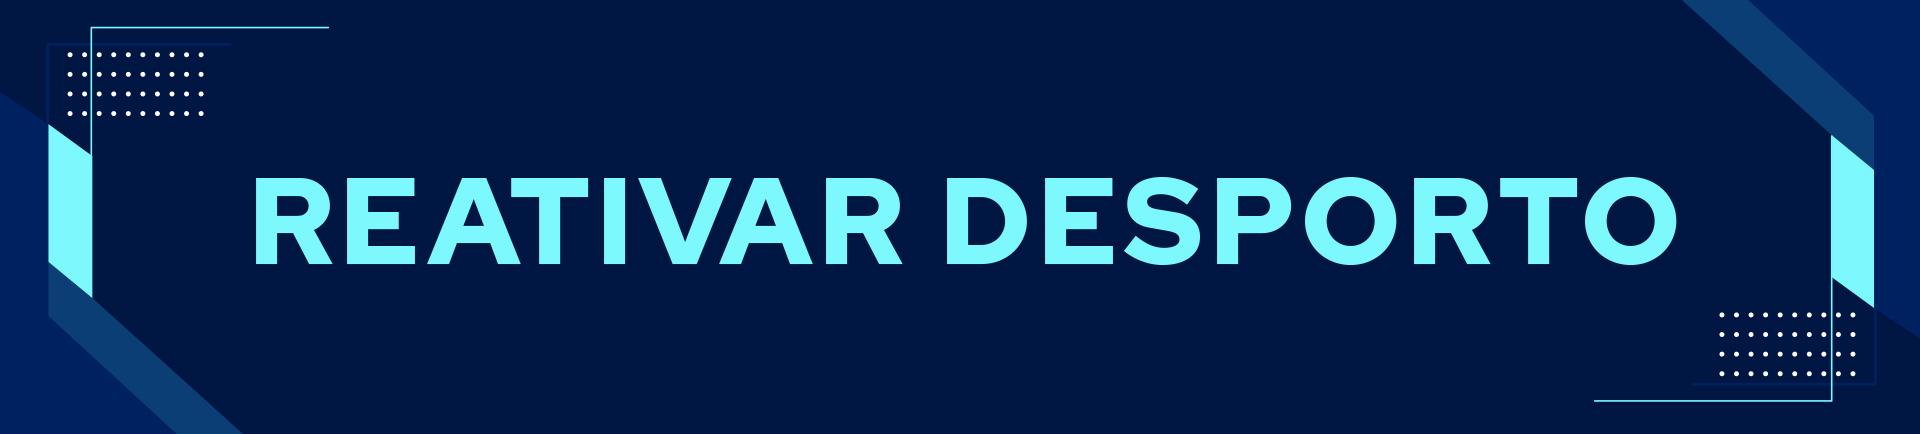 Banner descritivo do programa REATIVAR DESPORTO